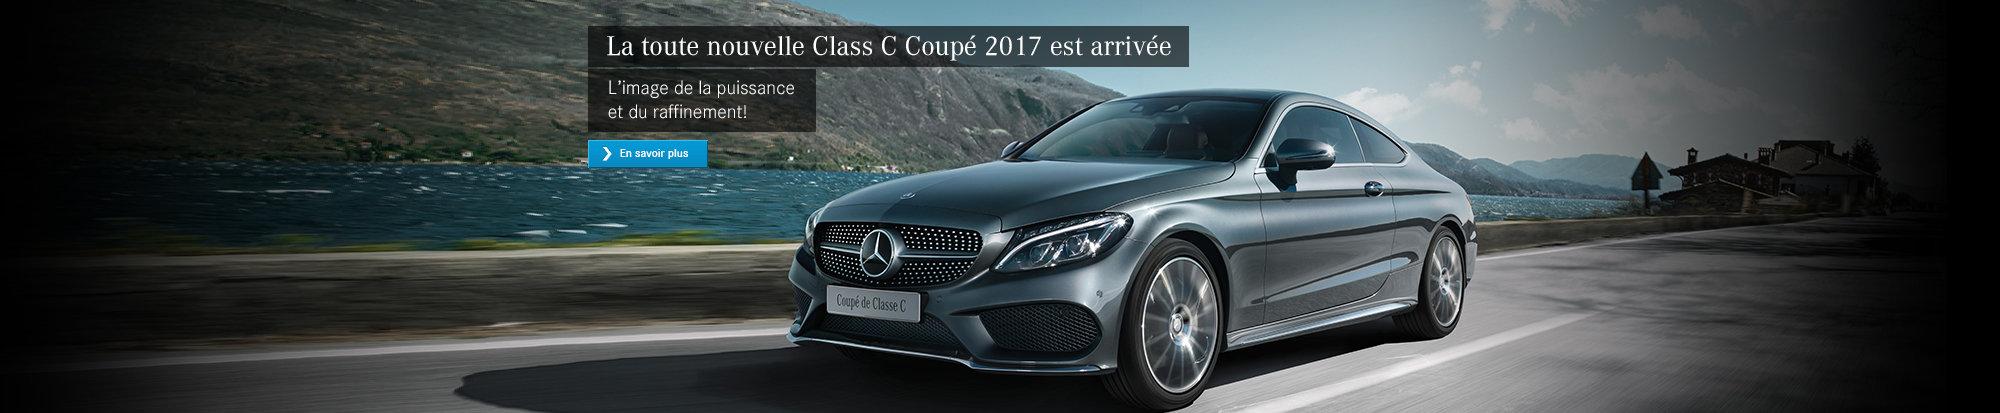 La toute nouvelle Classe C Coupé 2017 est arrivée!